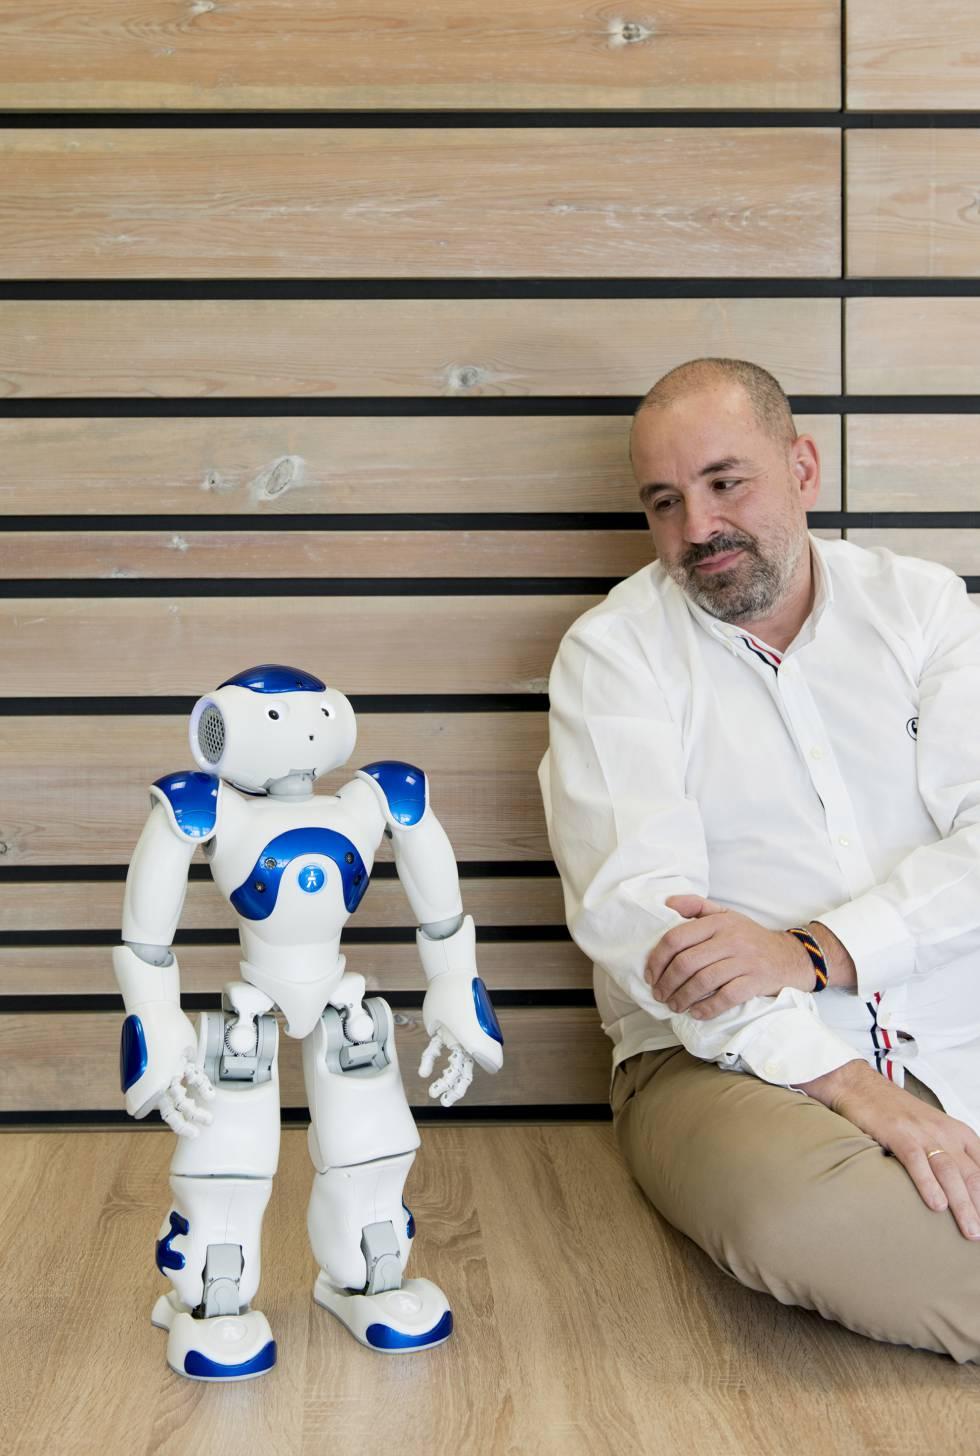 El gerente de sistemas, Manuel de Arcocha, con un robot al que se ha instalado un chatbot para resolver dudas sobre envases.